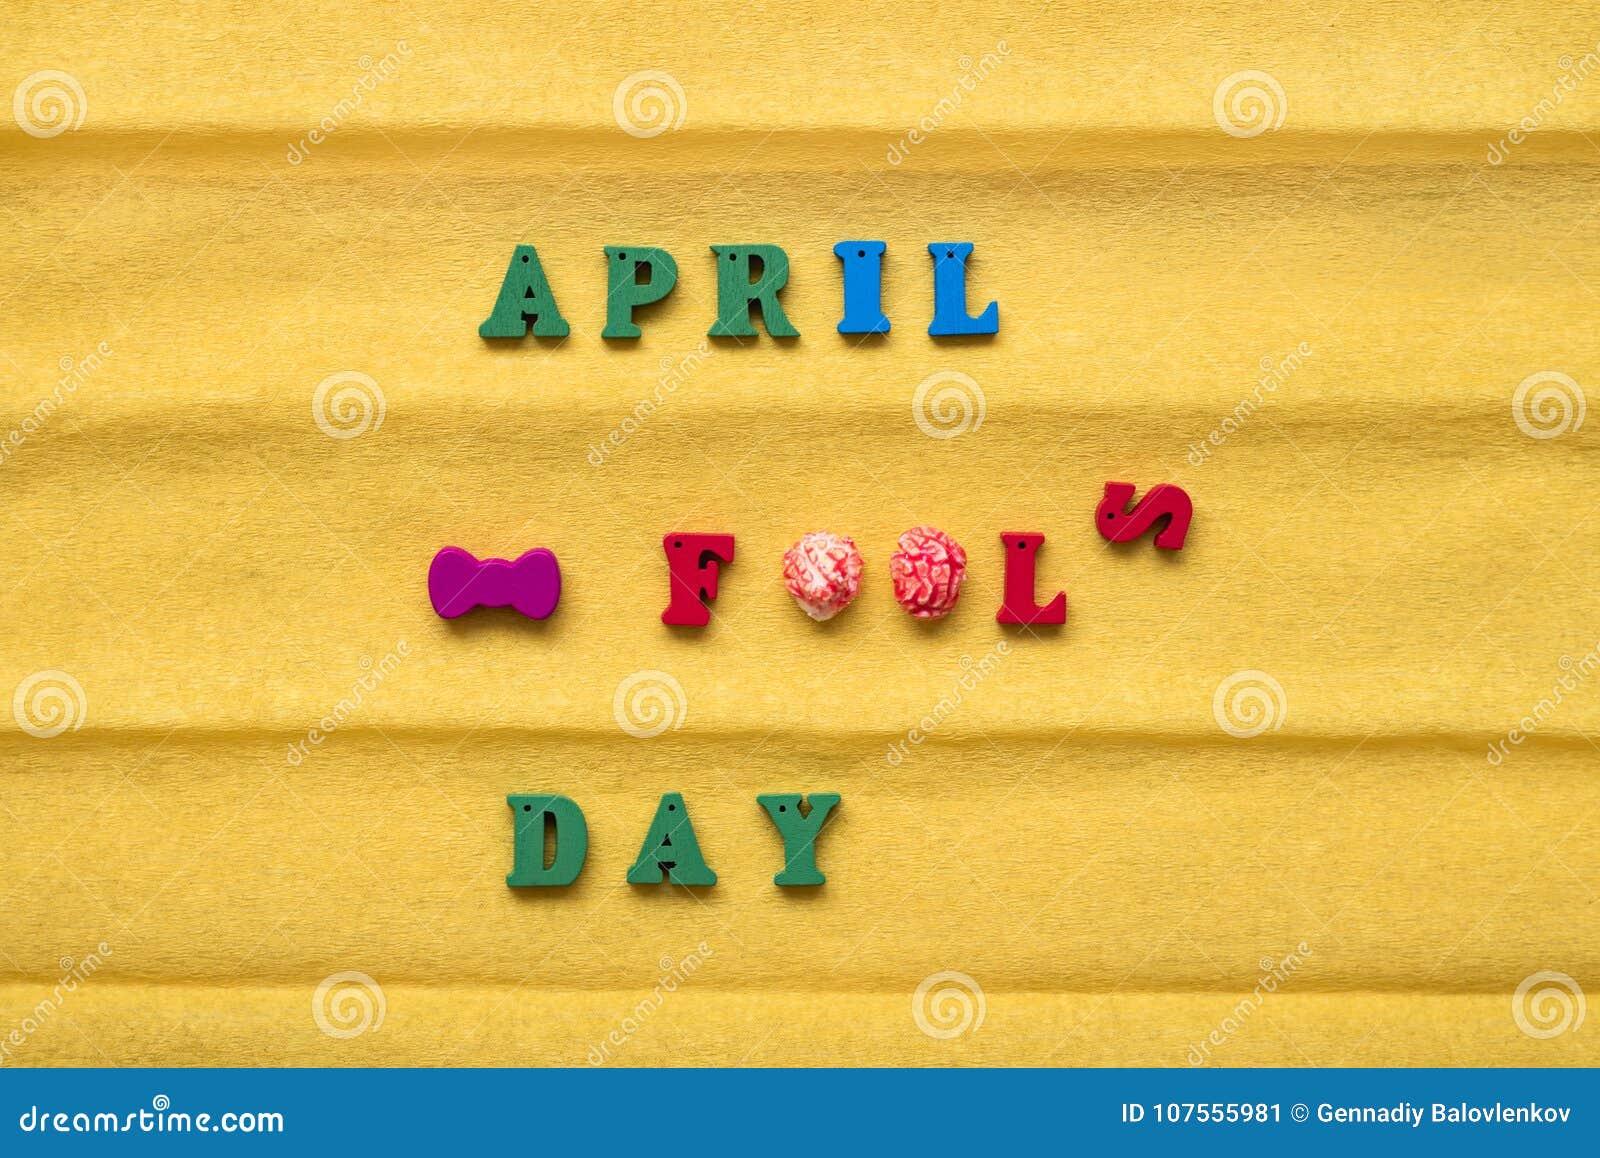 Jour du jour d imbécile, inscription des lettres multicolores sur un fond de papier jaune